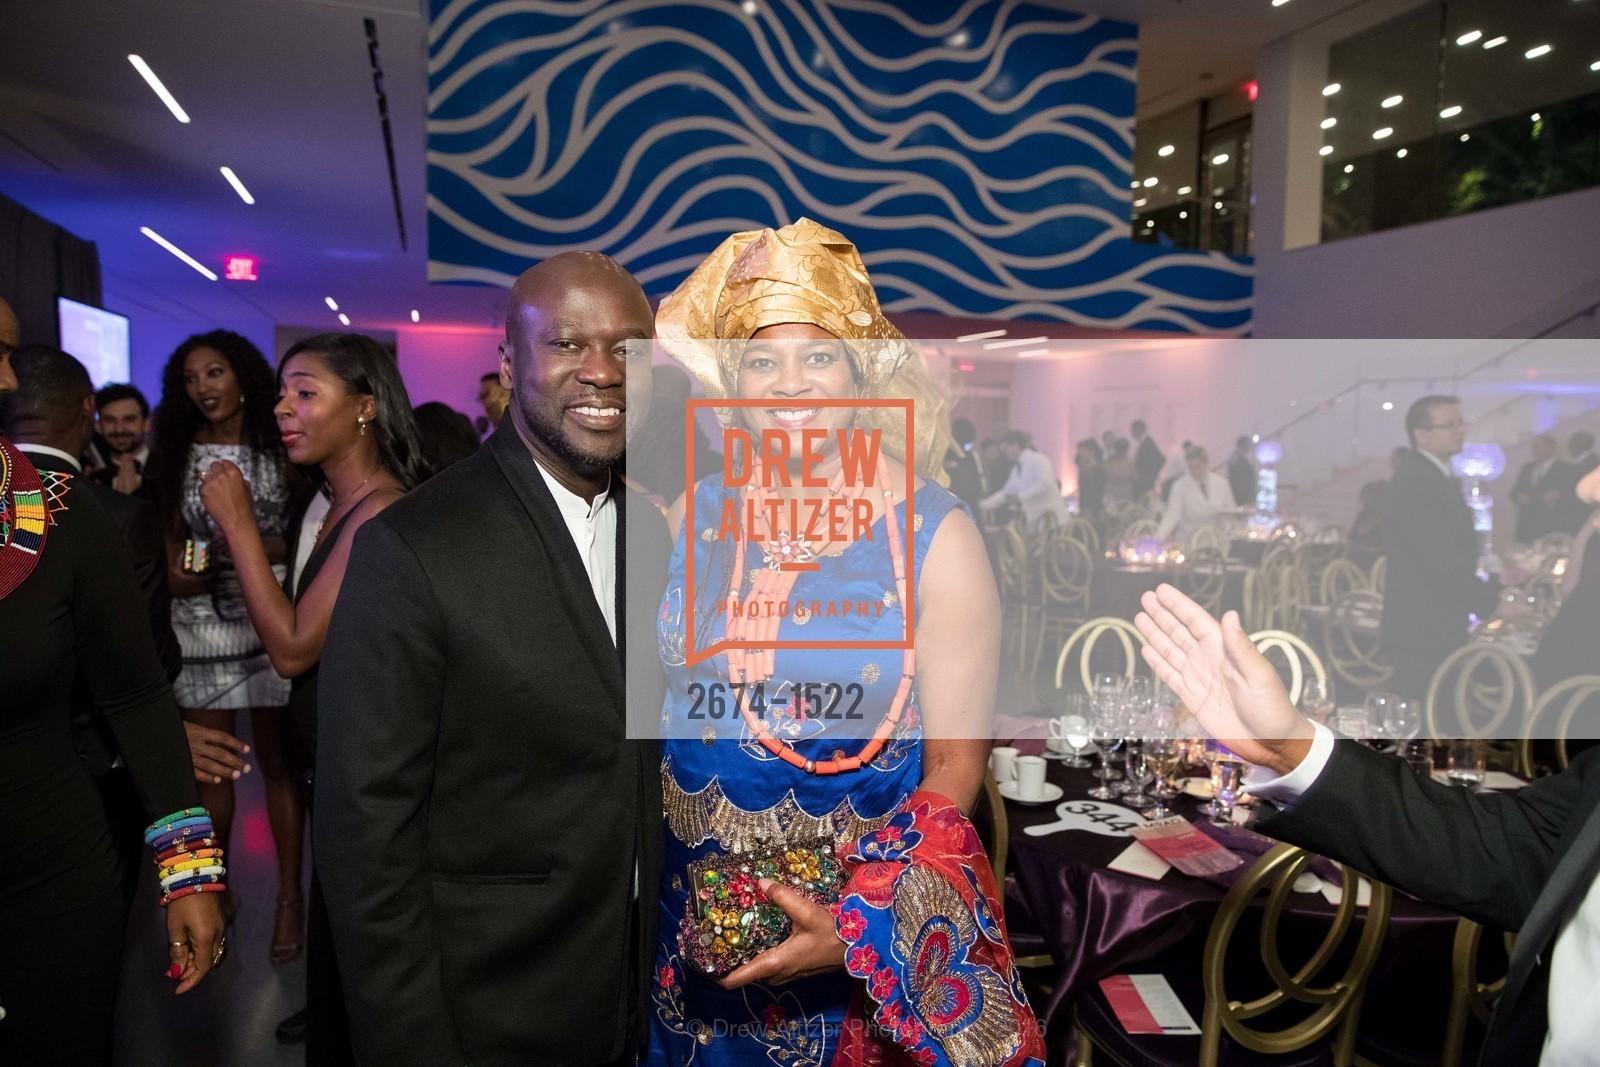 David Adjaye, Vicki Hughes, Photo #2674-1522